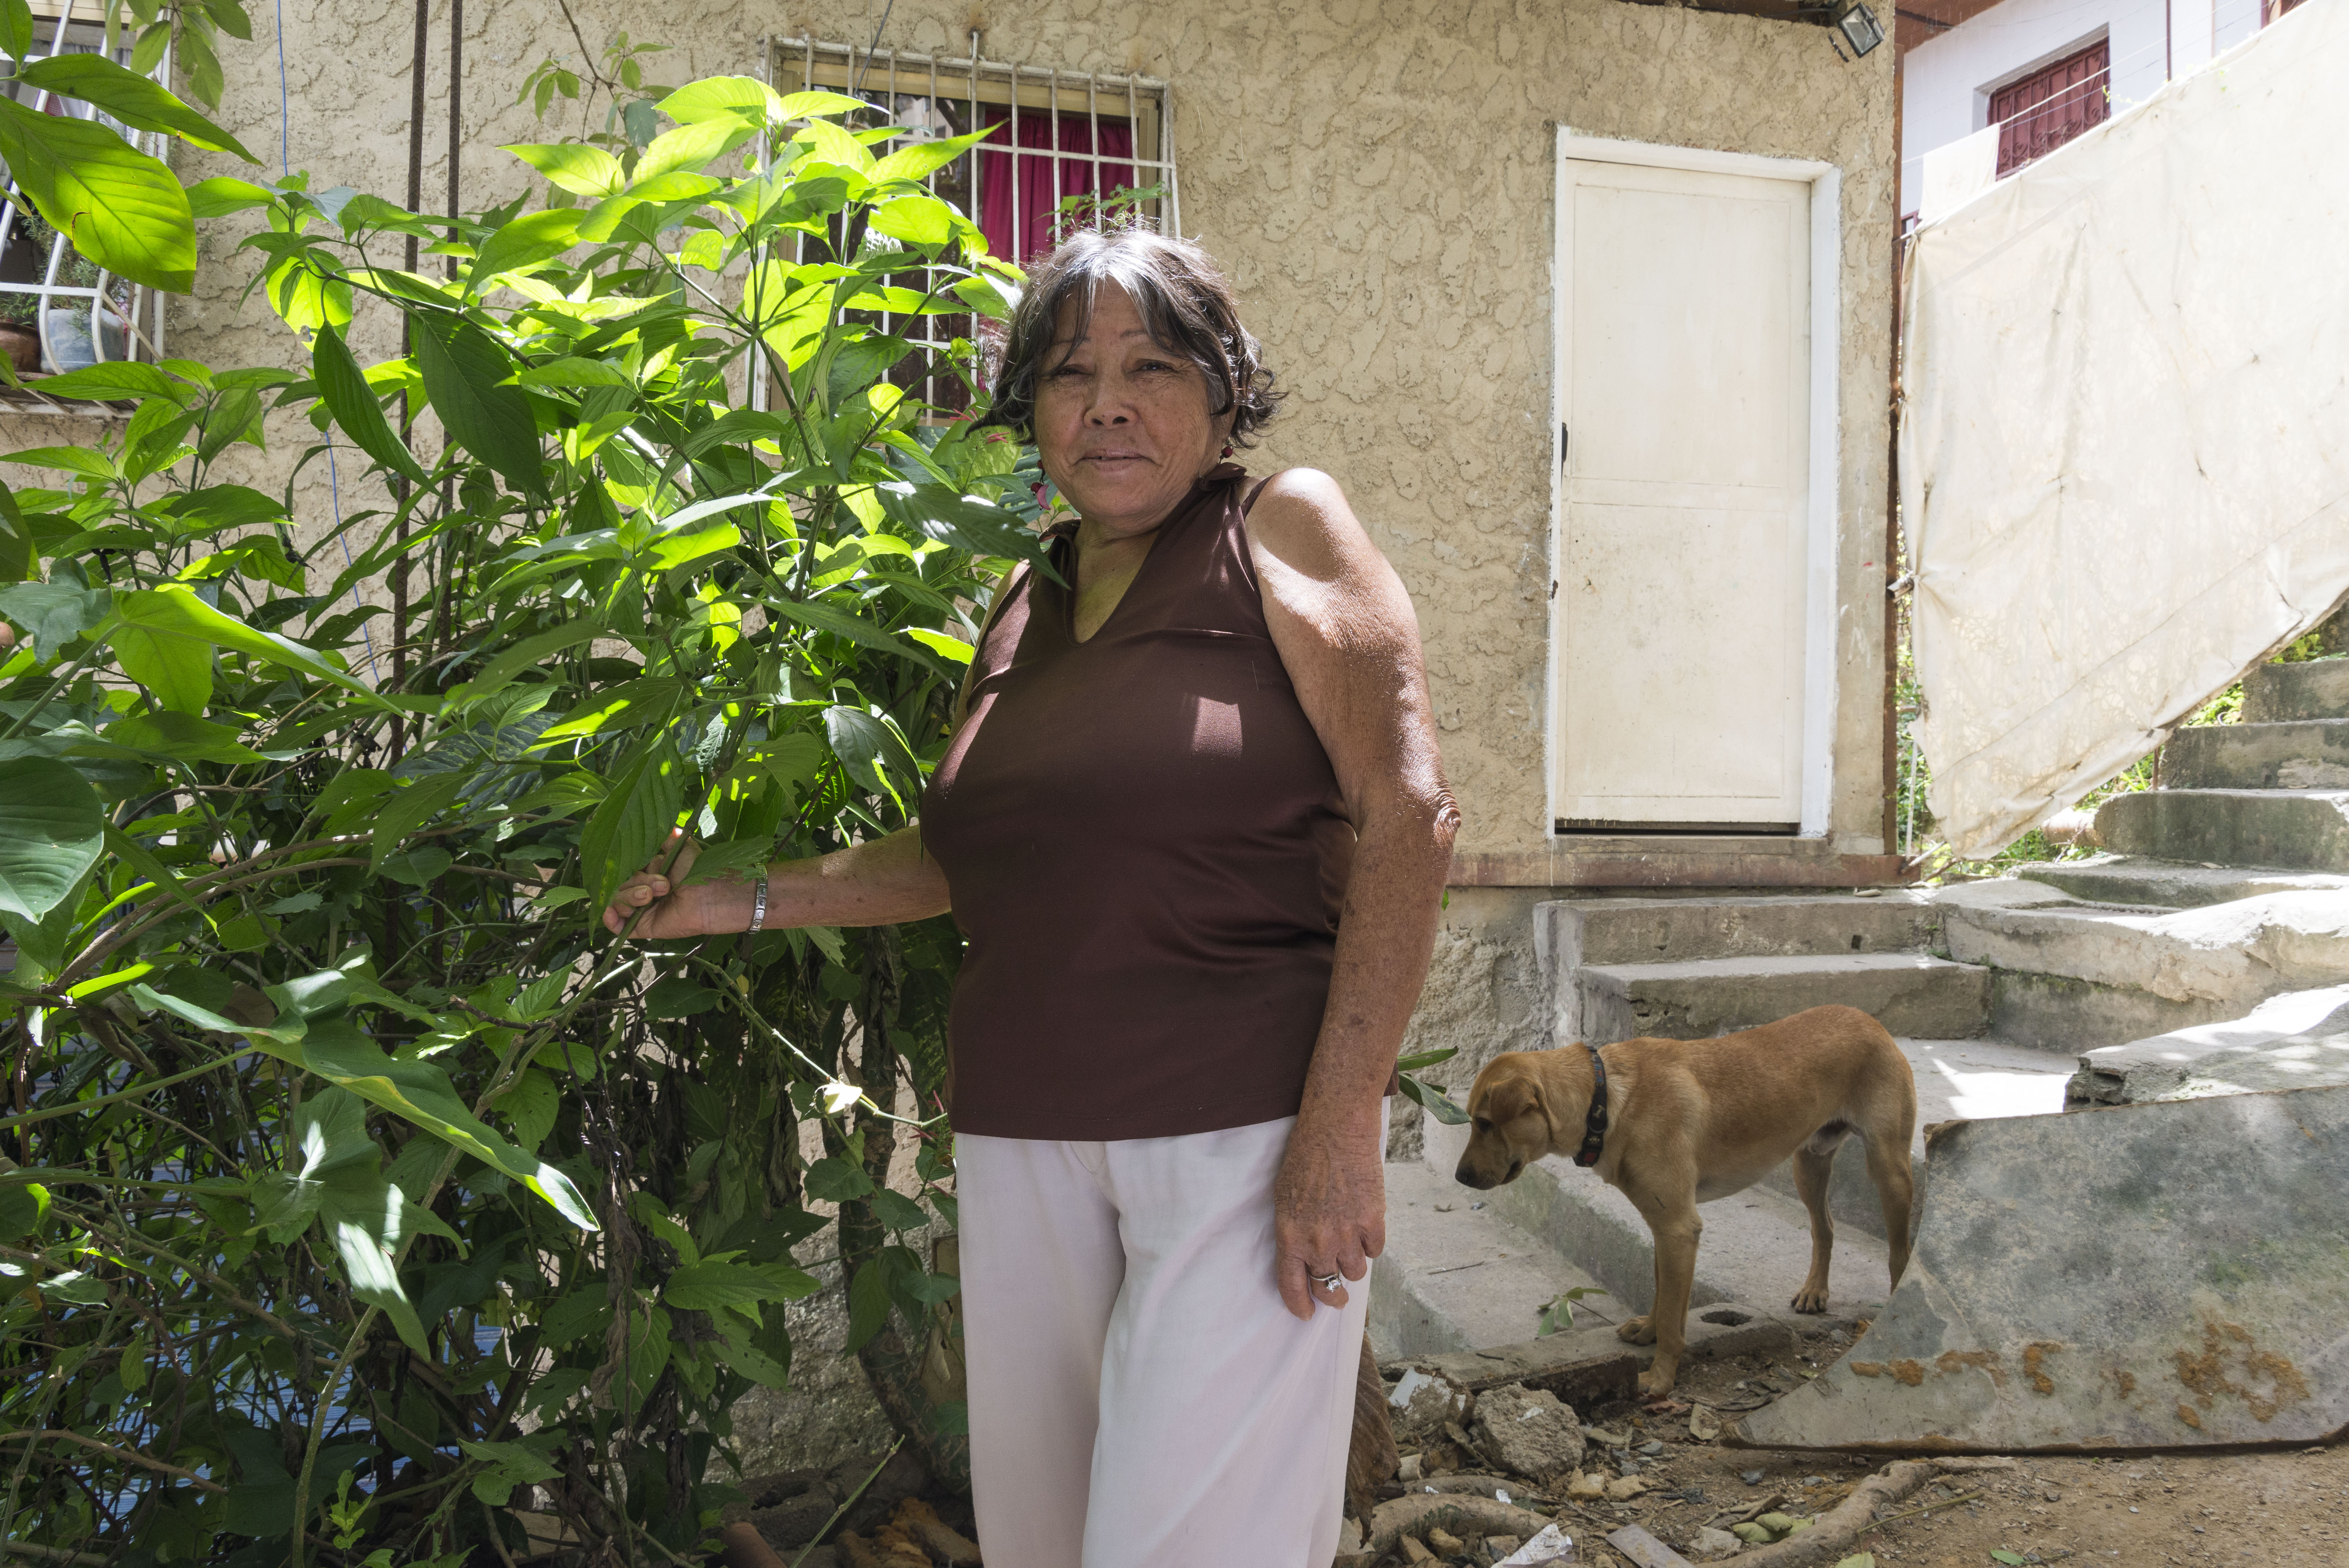 María en su jardín, fotografía por Gabriel Nass